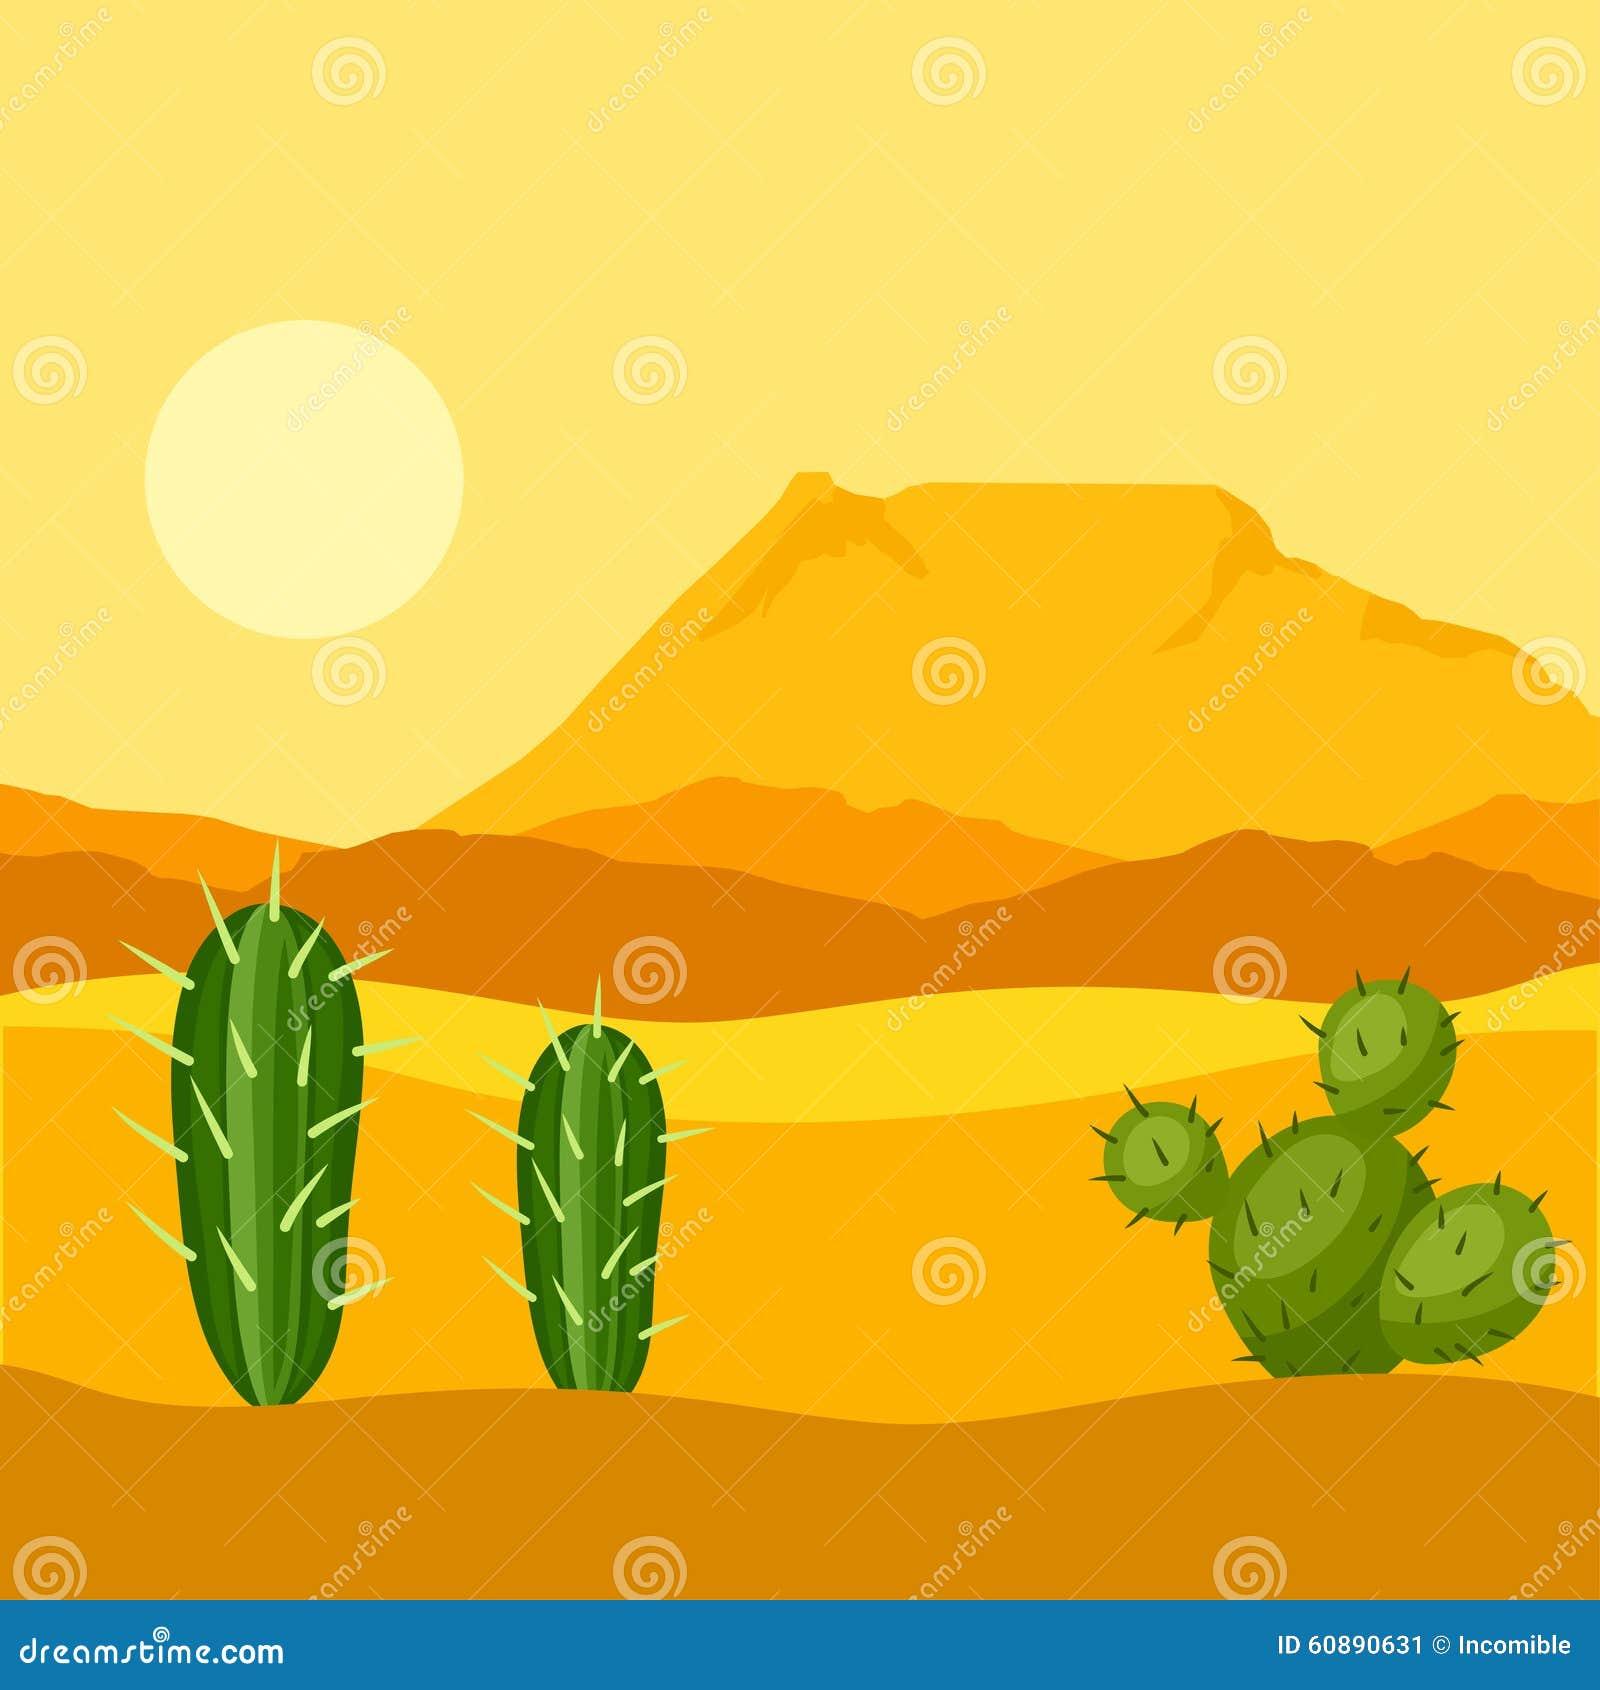 Illustration de désert mexicain avec des cactus et